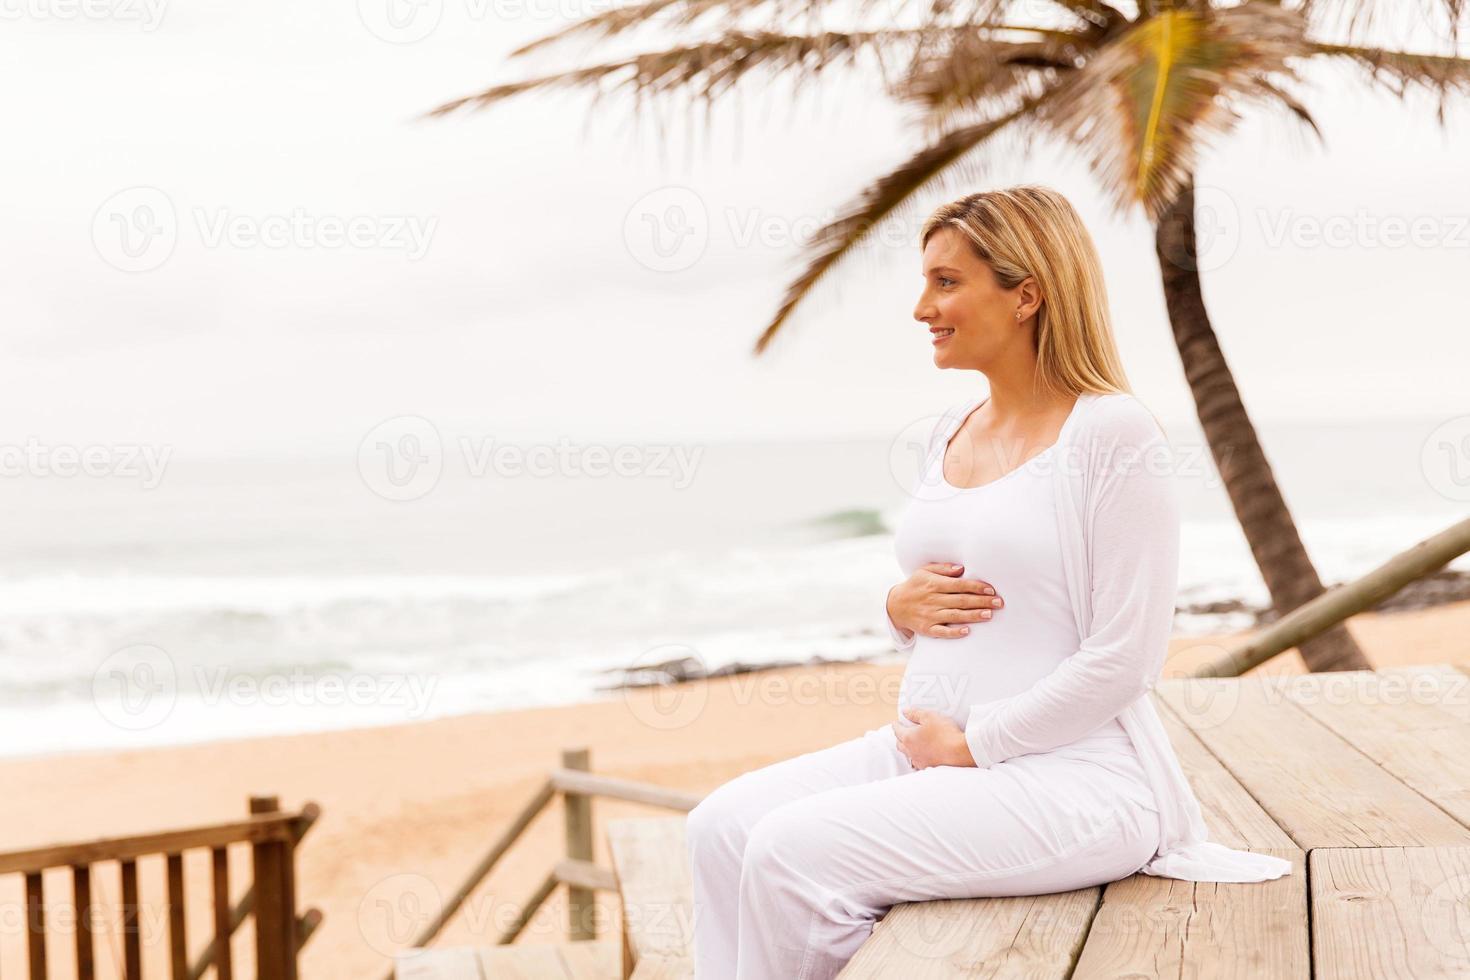 donna incinta sulla spiaggia foto